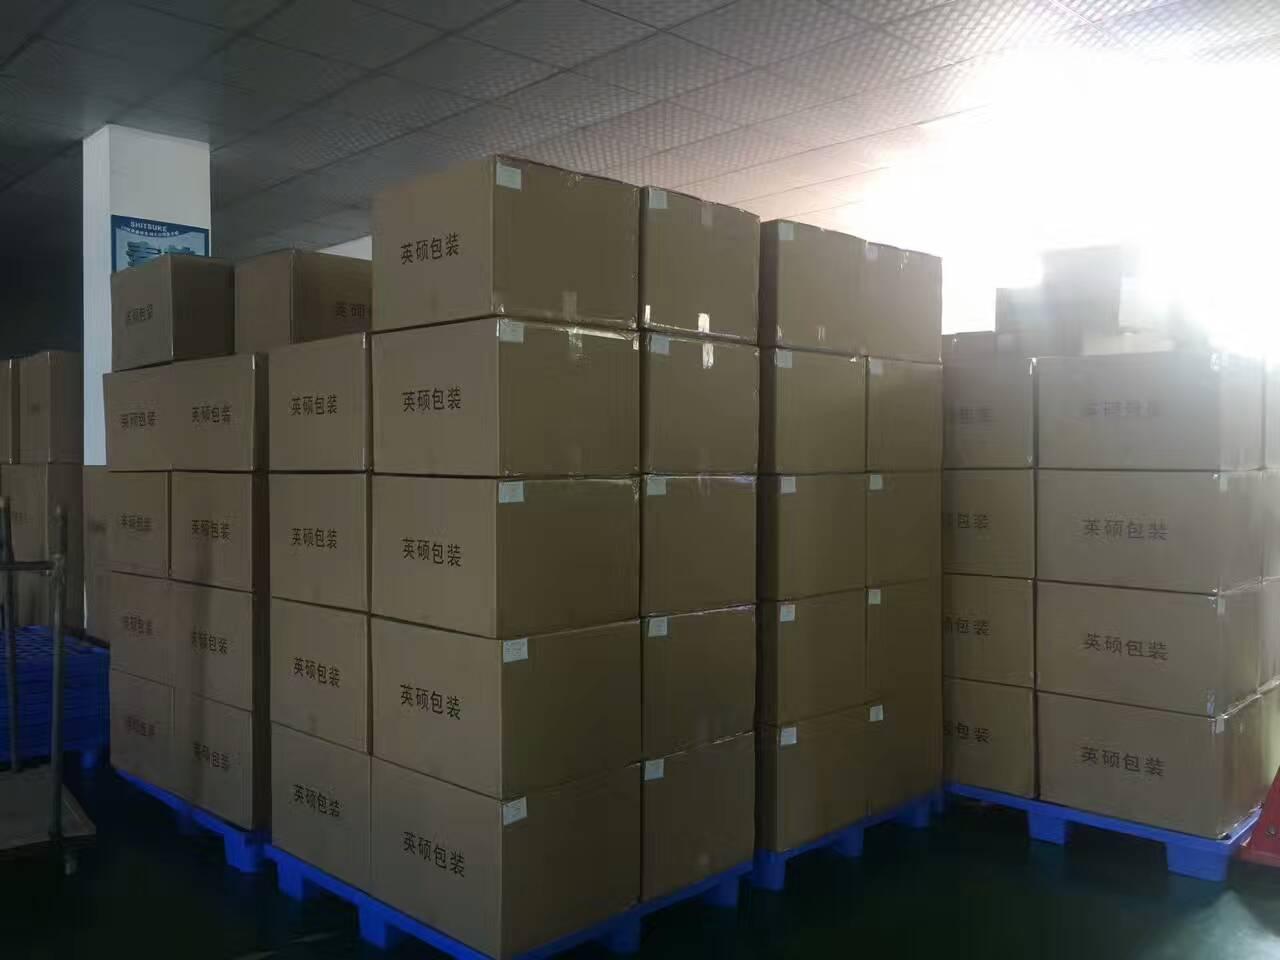 【辽宁】首次下单即一百多箱无菌PETG吸塑盒奔往辽宁